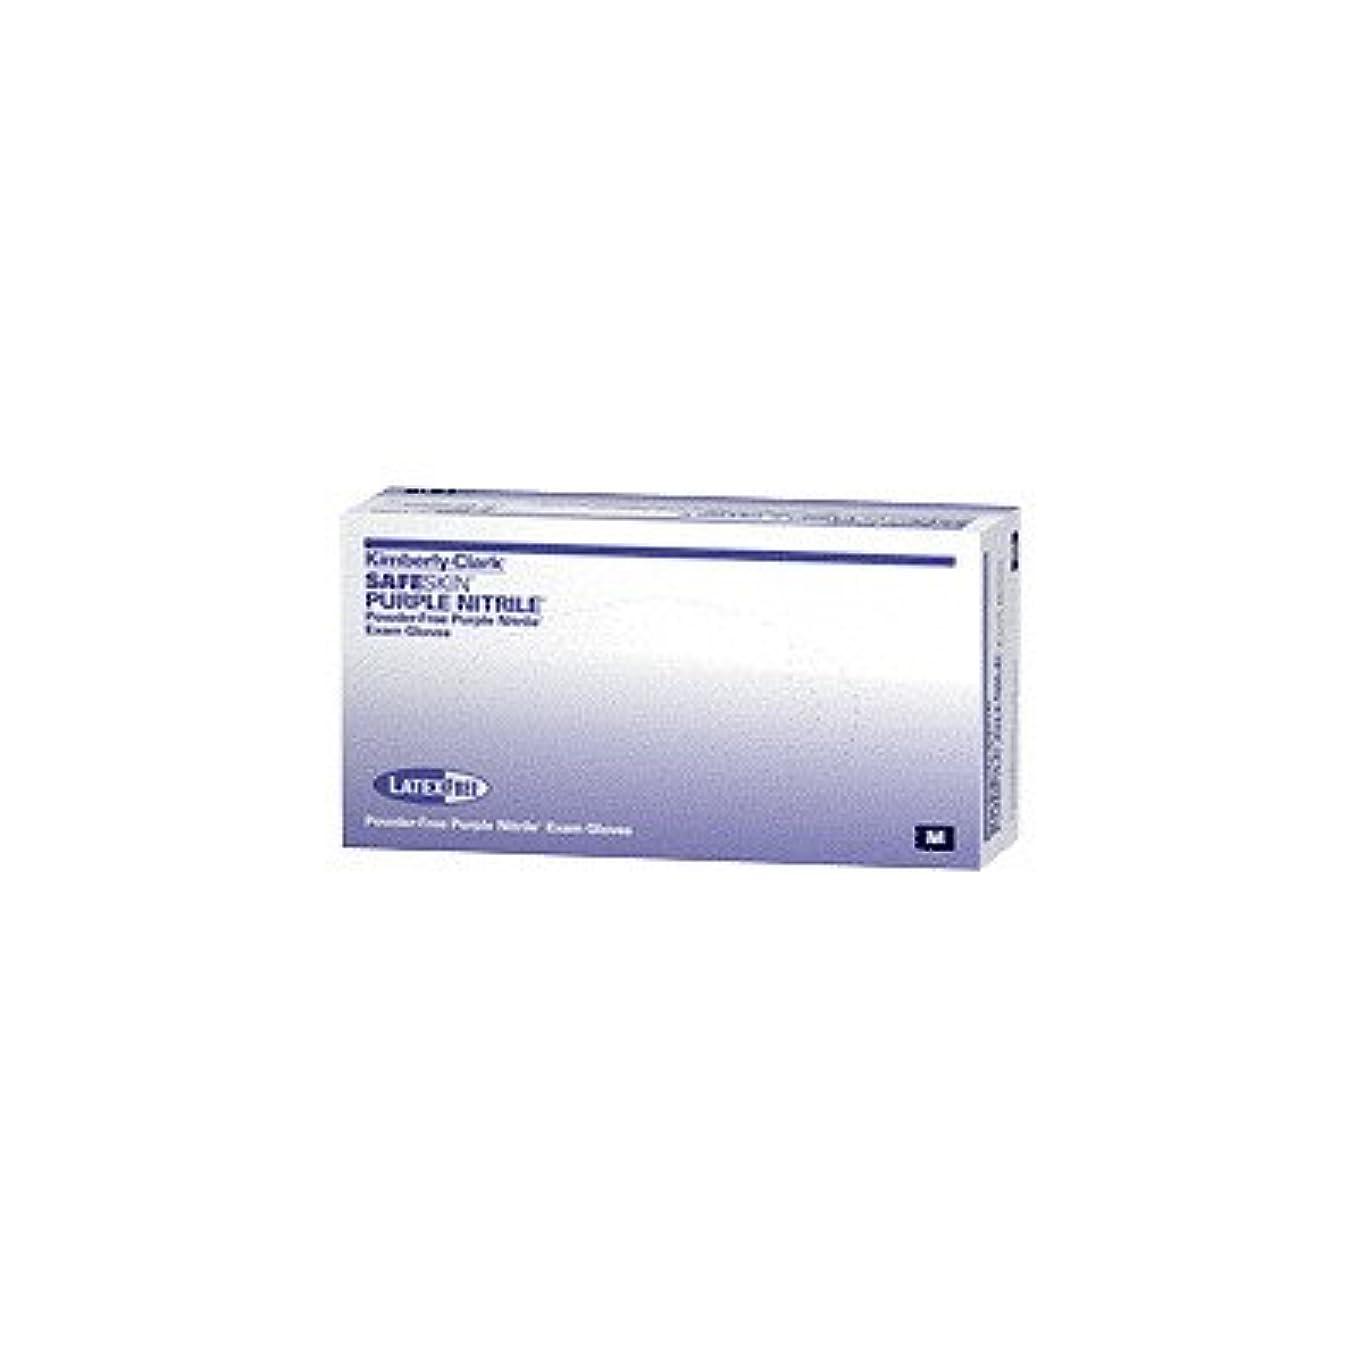 エンゲージメントキリスト即席Kimberly-Clark Professional Safeskin Nitrile-XTRA Nitrile Exam Gloves Small Purple, 12 L, 80mm W, Powder-free, Latex-free (Box of 100 Each) by Kimberly-Clark Professional